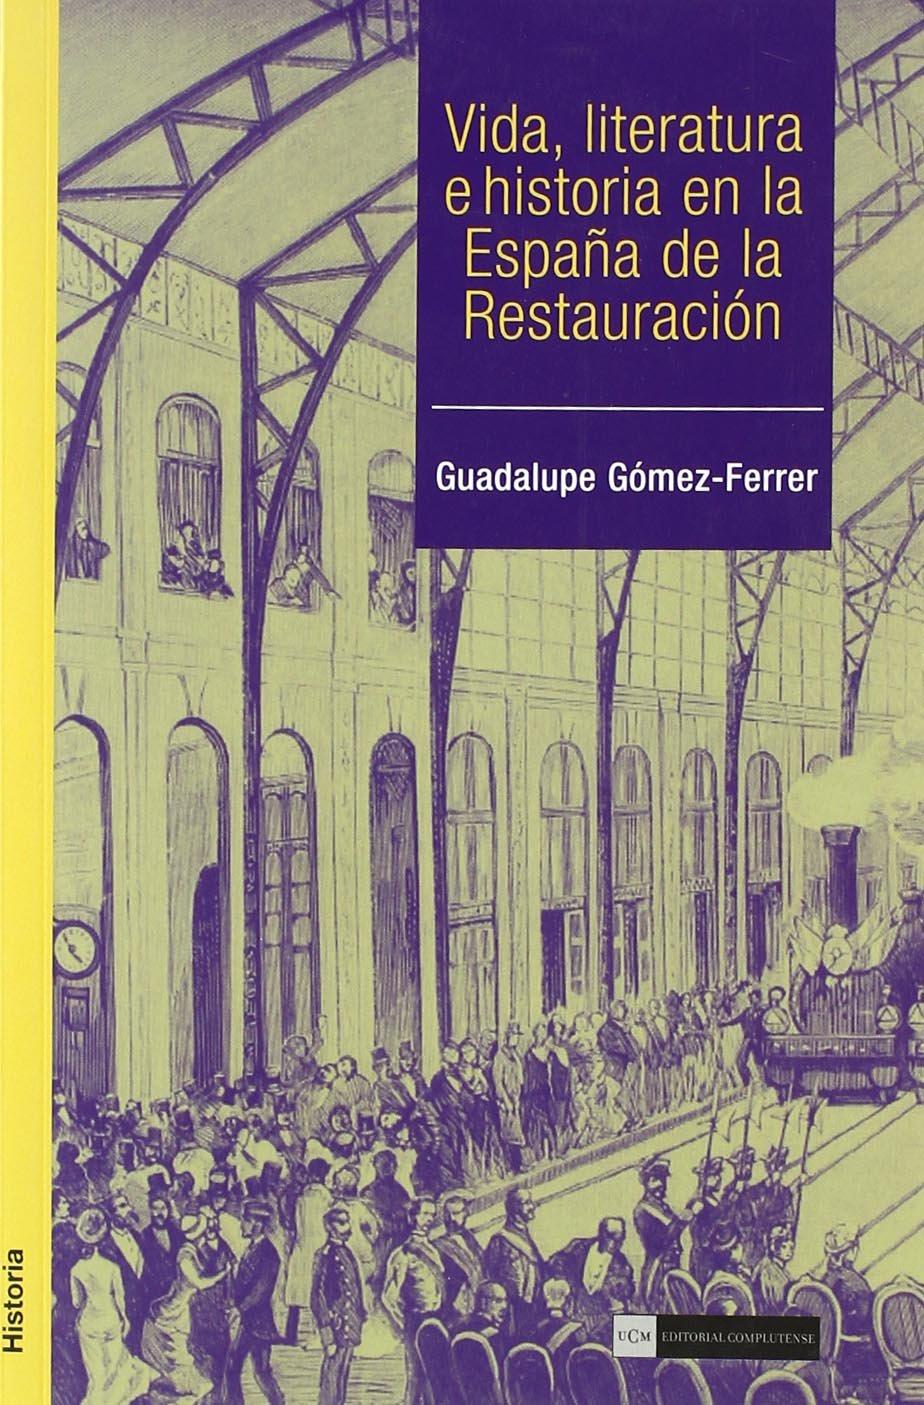 Vida, literatura e historia en la España de la Restauración Académica: Amazon.es: Gómez Ferrer, Guadalupe: Libros